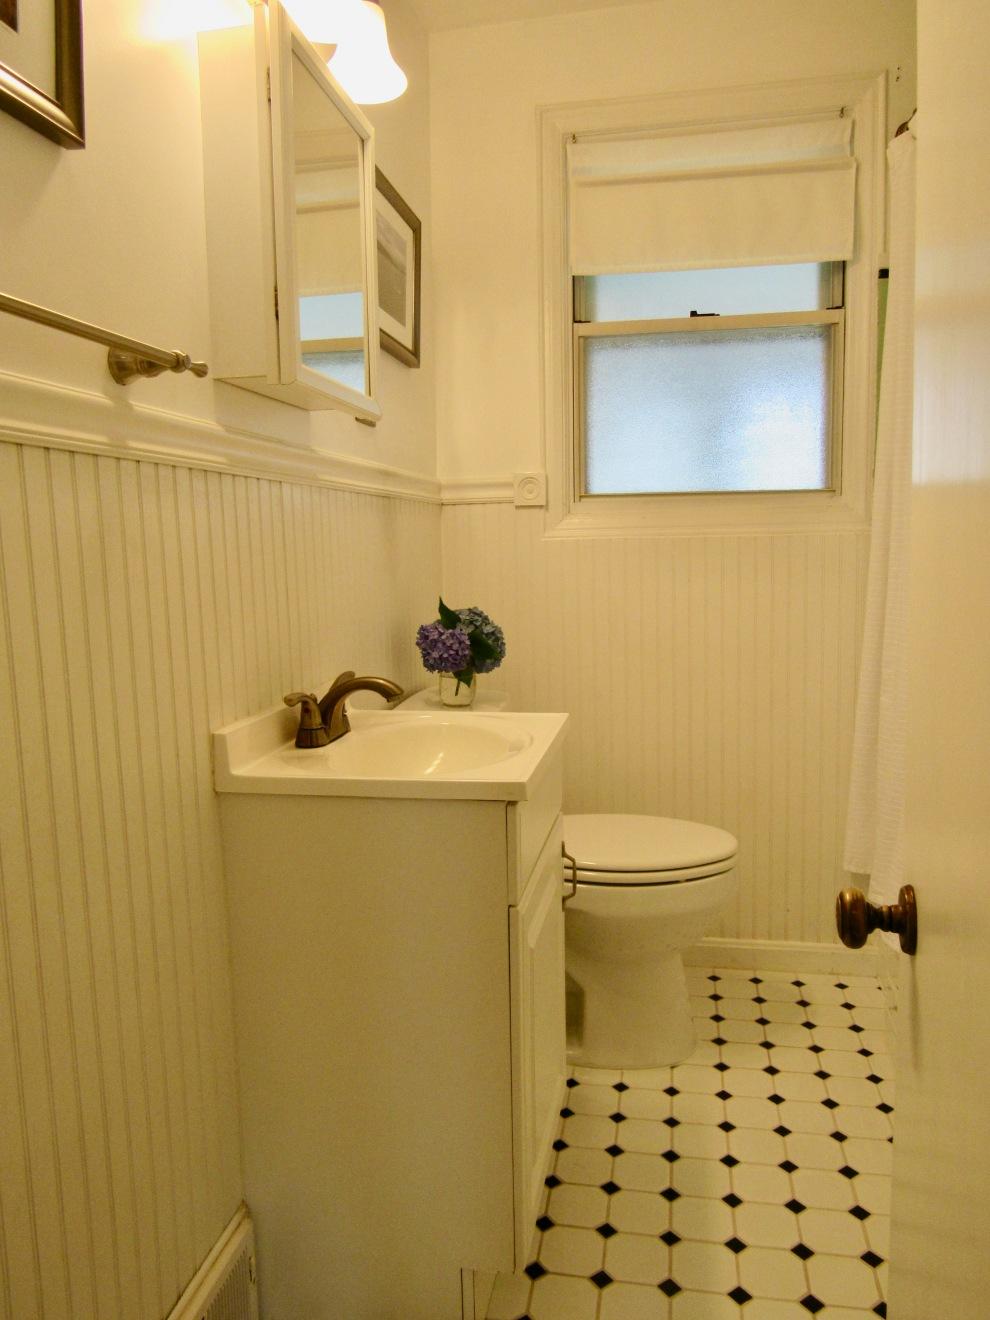 6. Hall bath